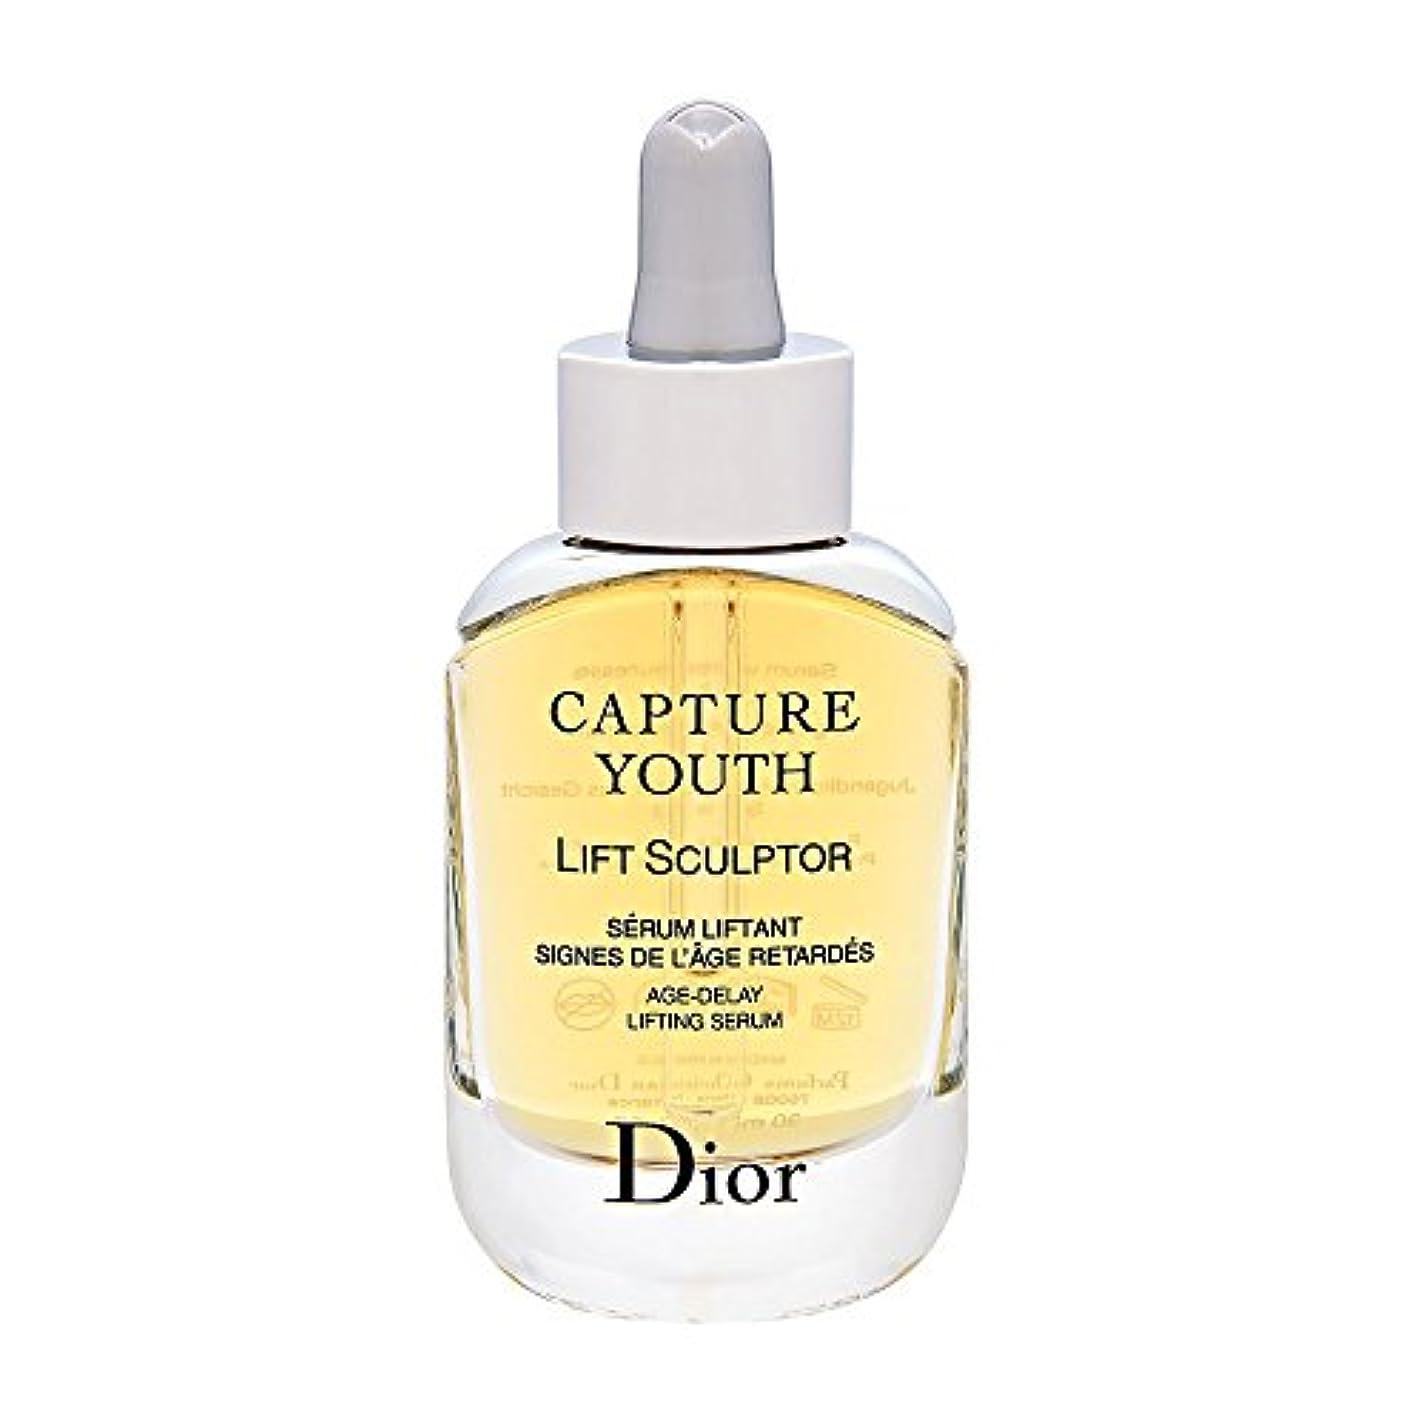 高度資格確執クリスチャンディオール Christian Dior カプチュール ユース L スカルプター 30mL [並行輸入品]